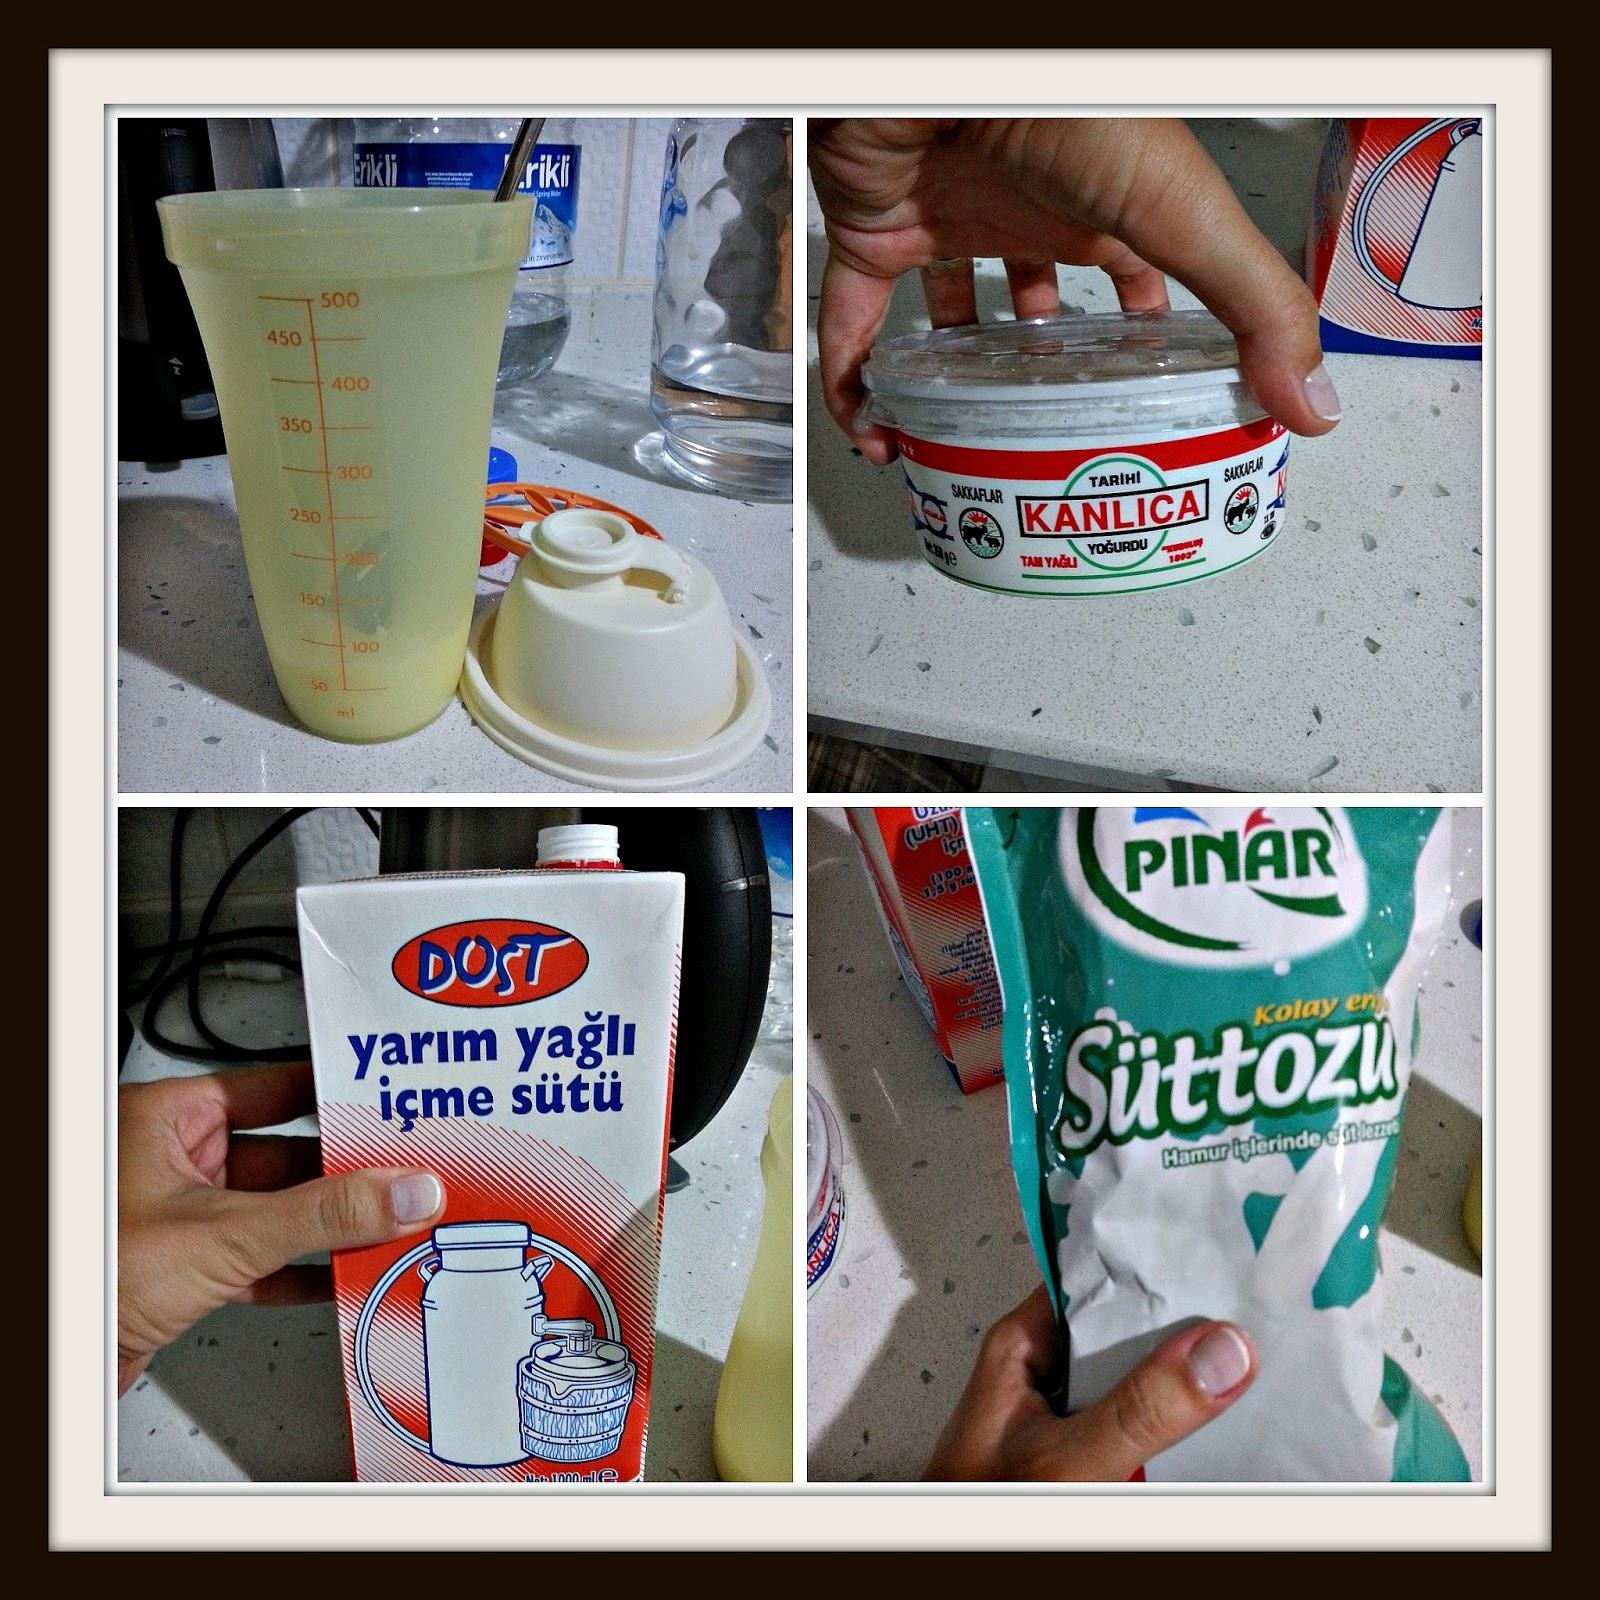 yoğurt yaparken neler gerekir